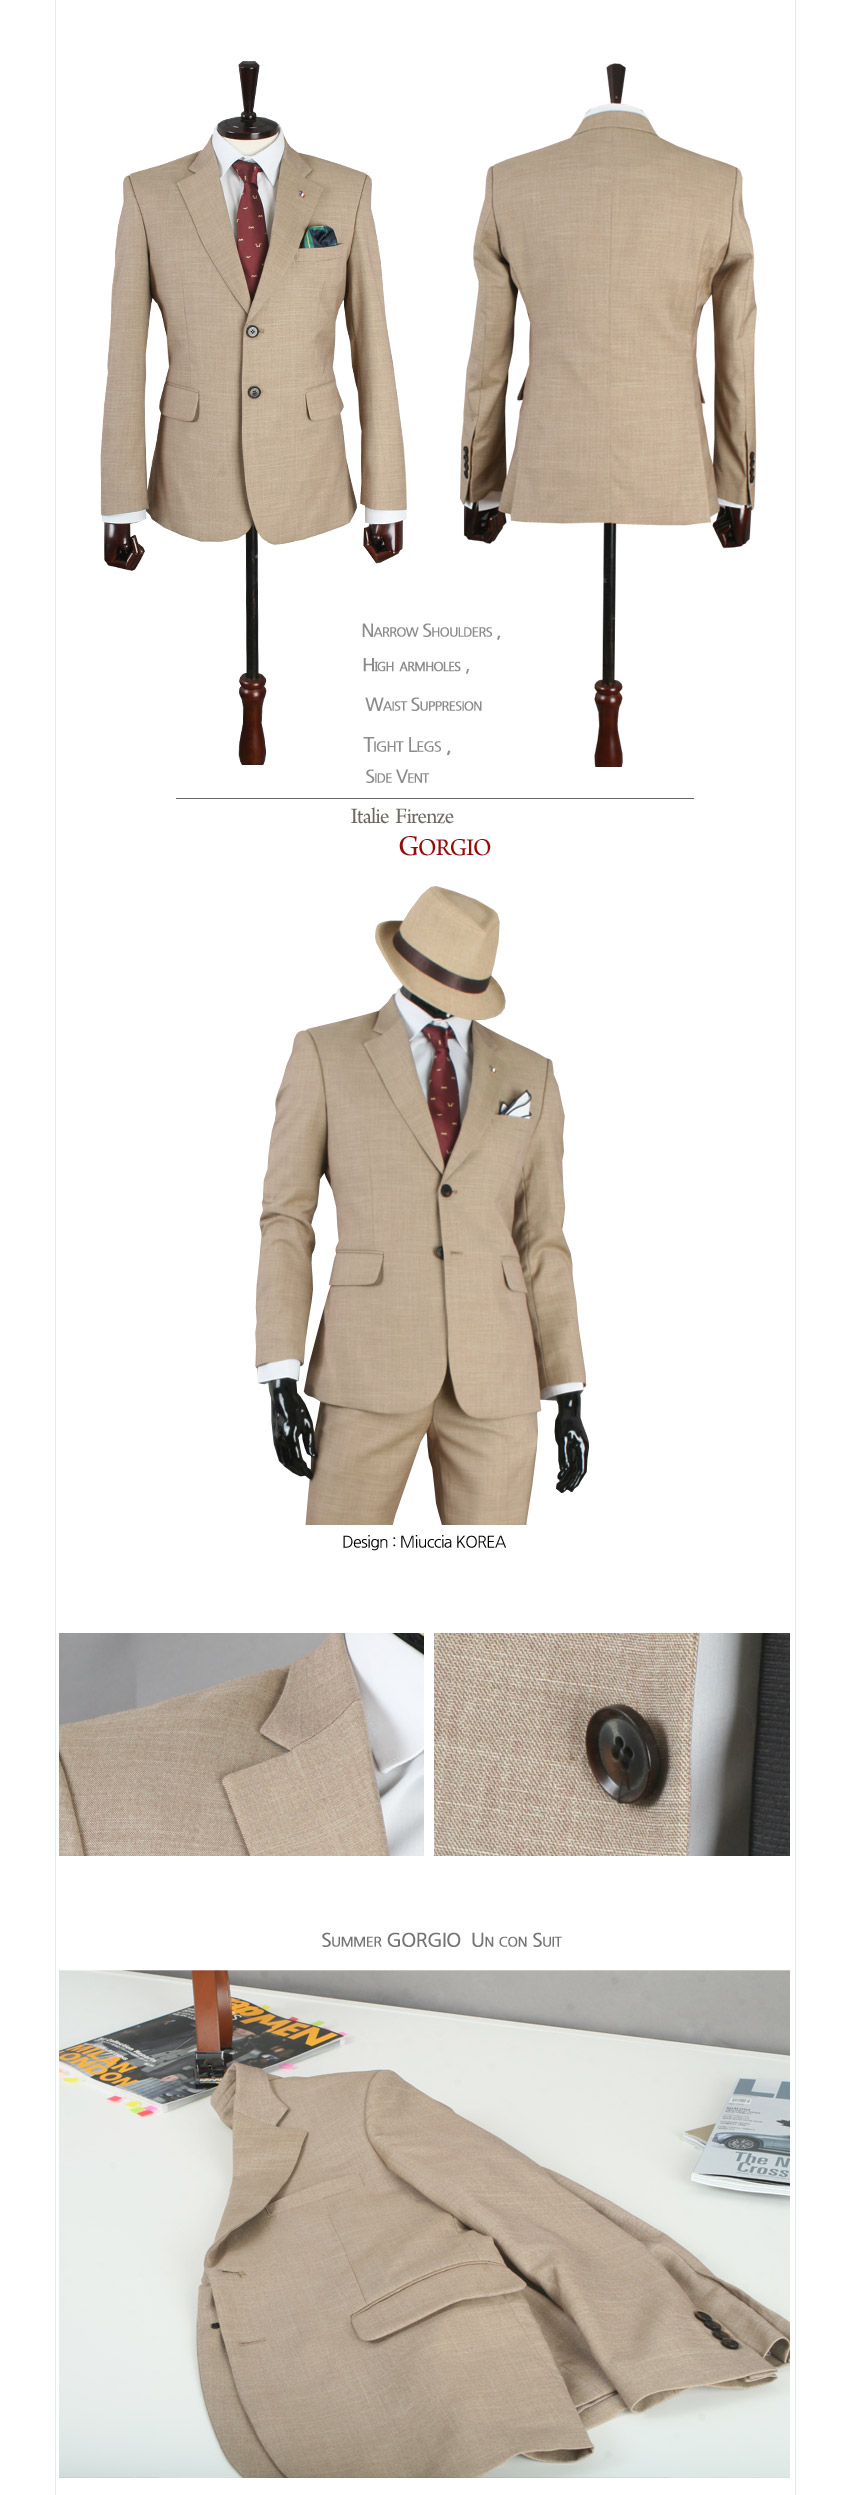 남성정장 남자정장 Men's Suits 男性のス?ツ 男士西裝